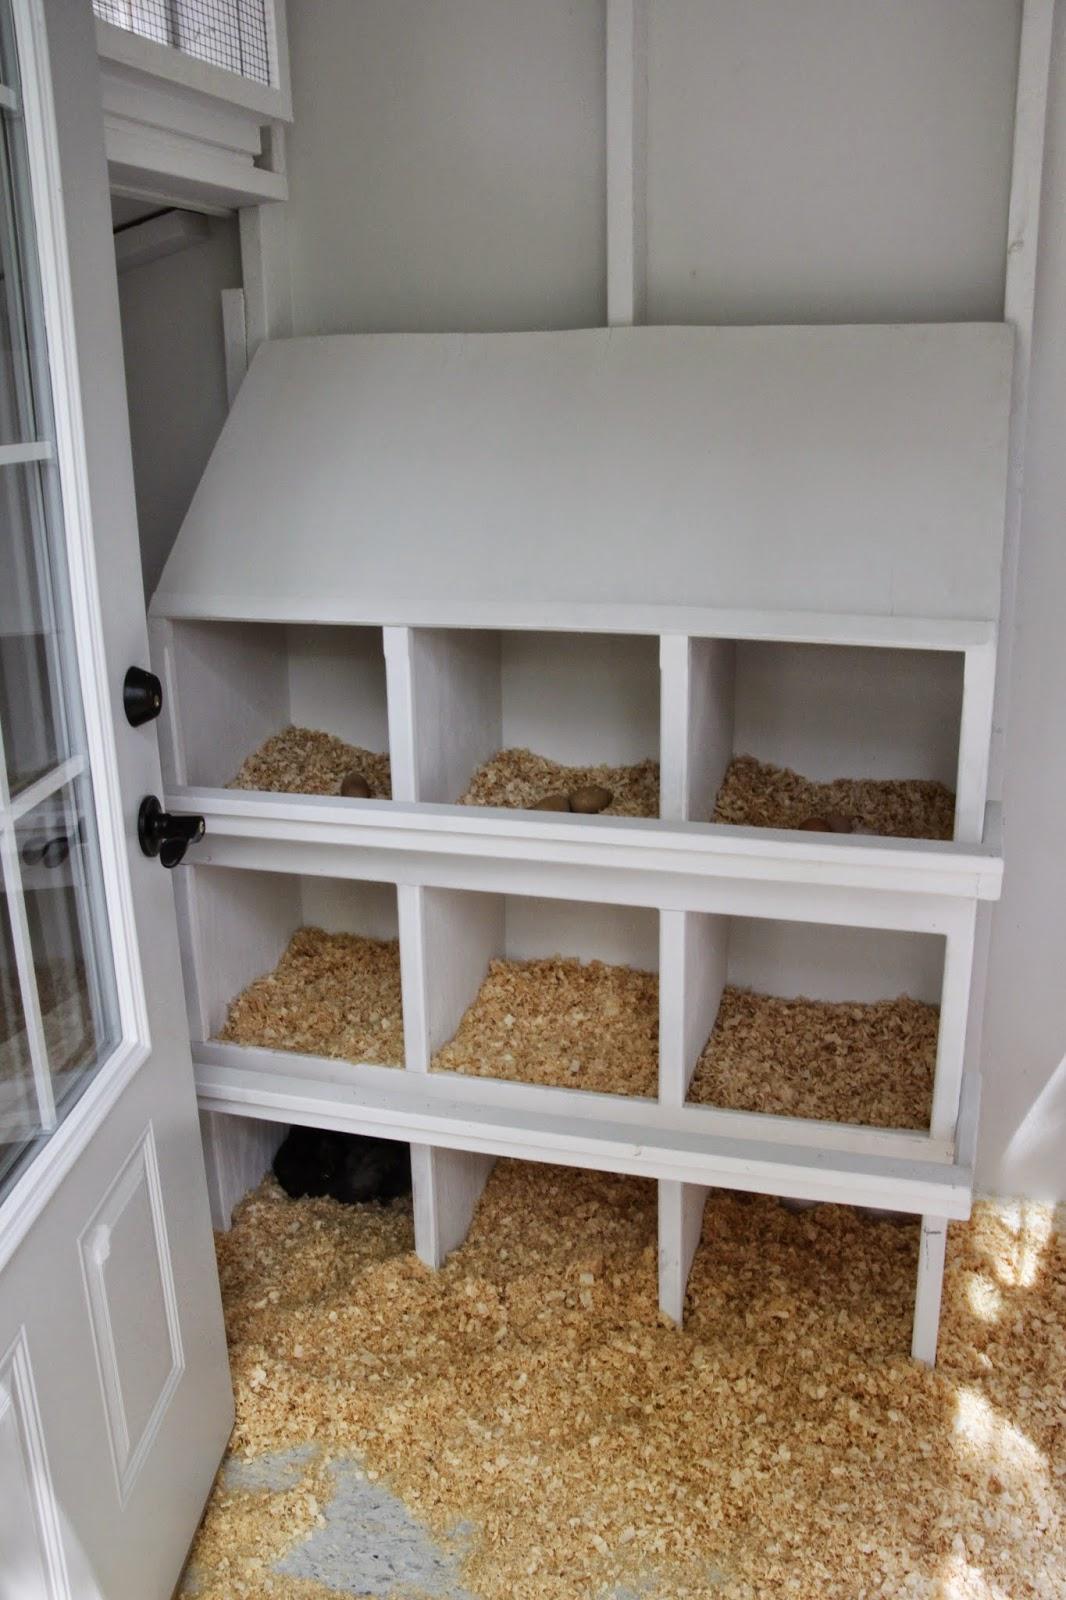 tillys nest chicken coop tour an update